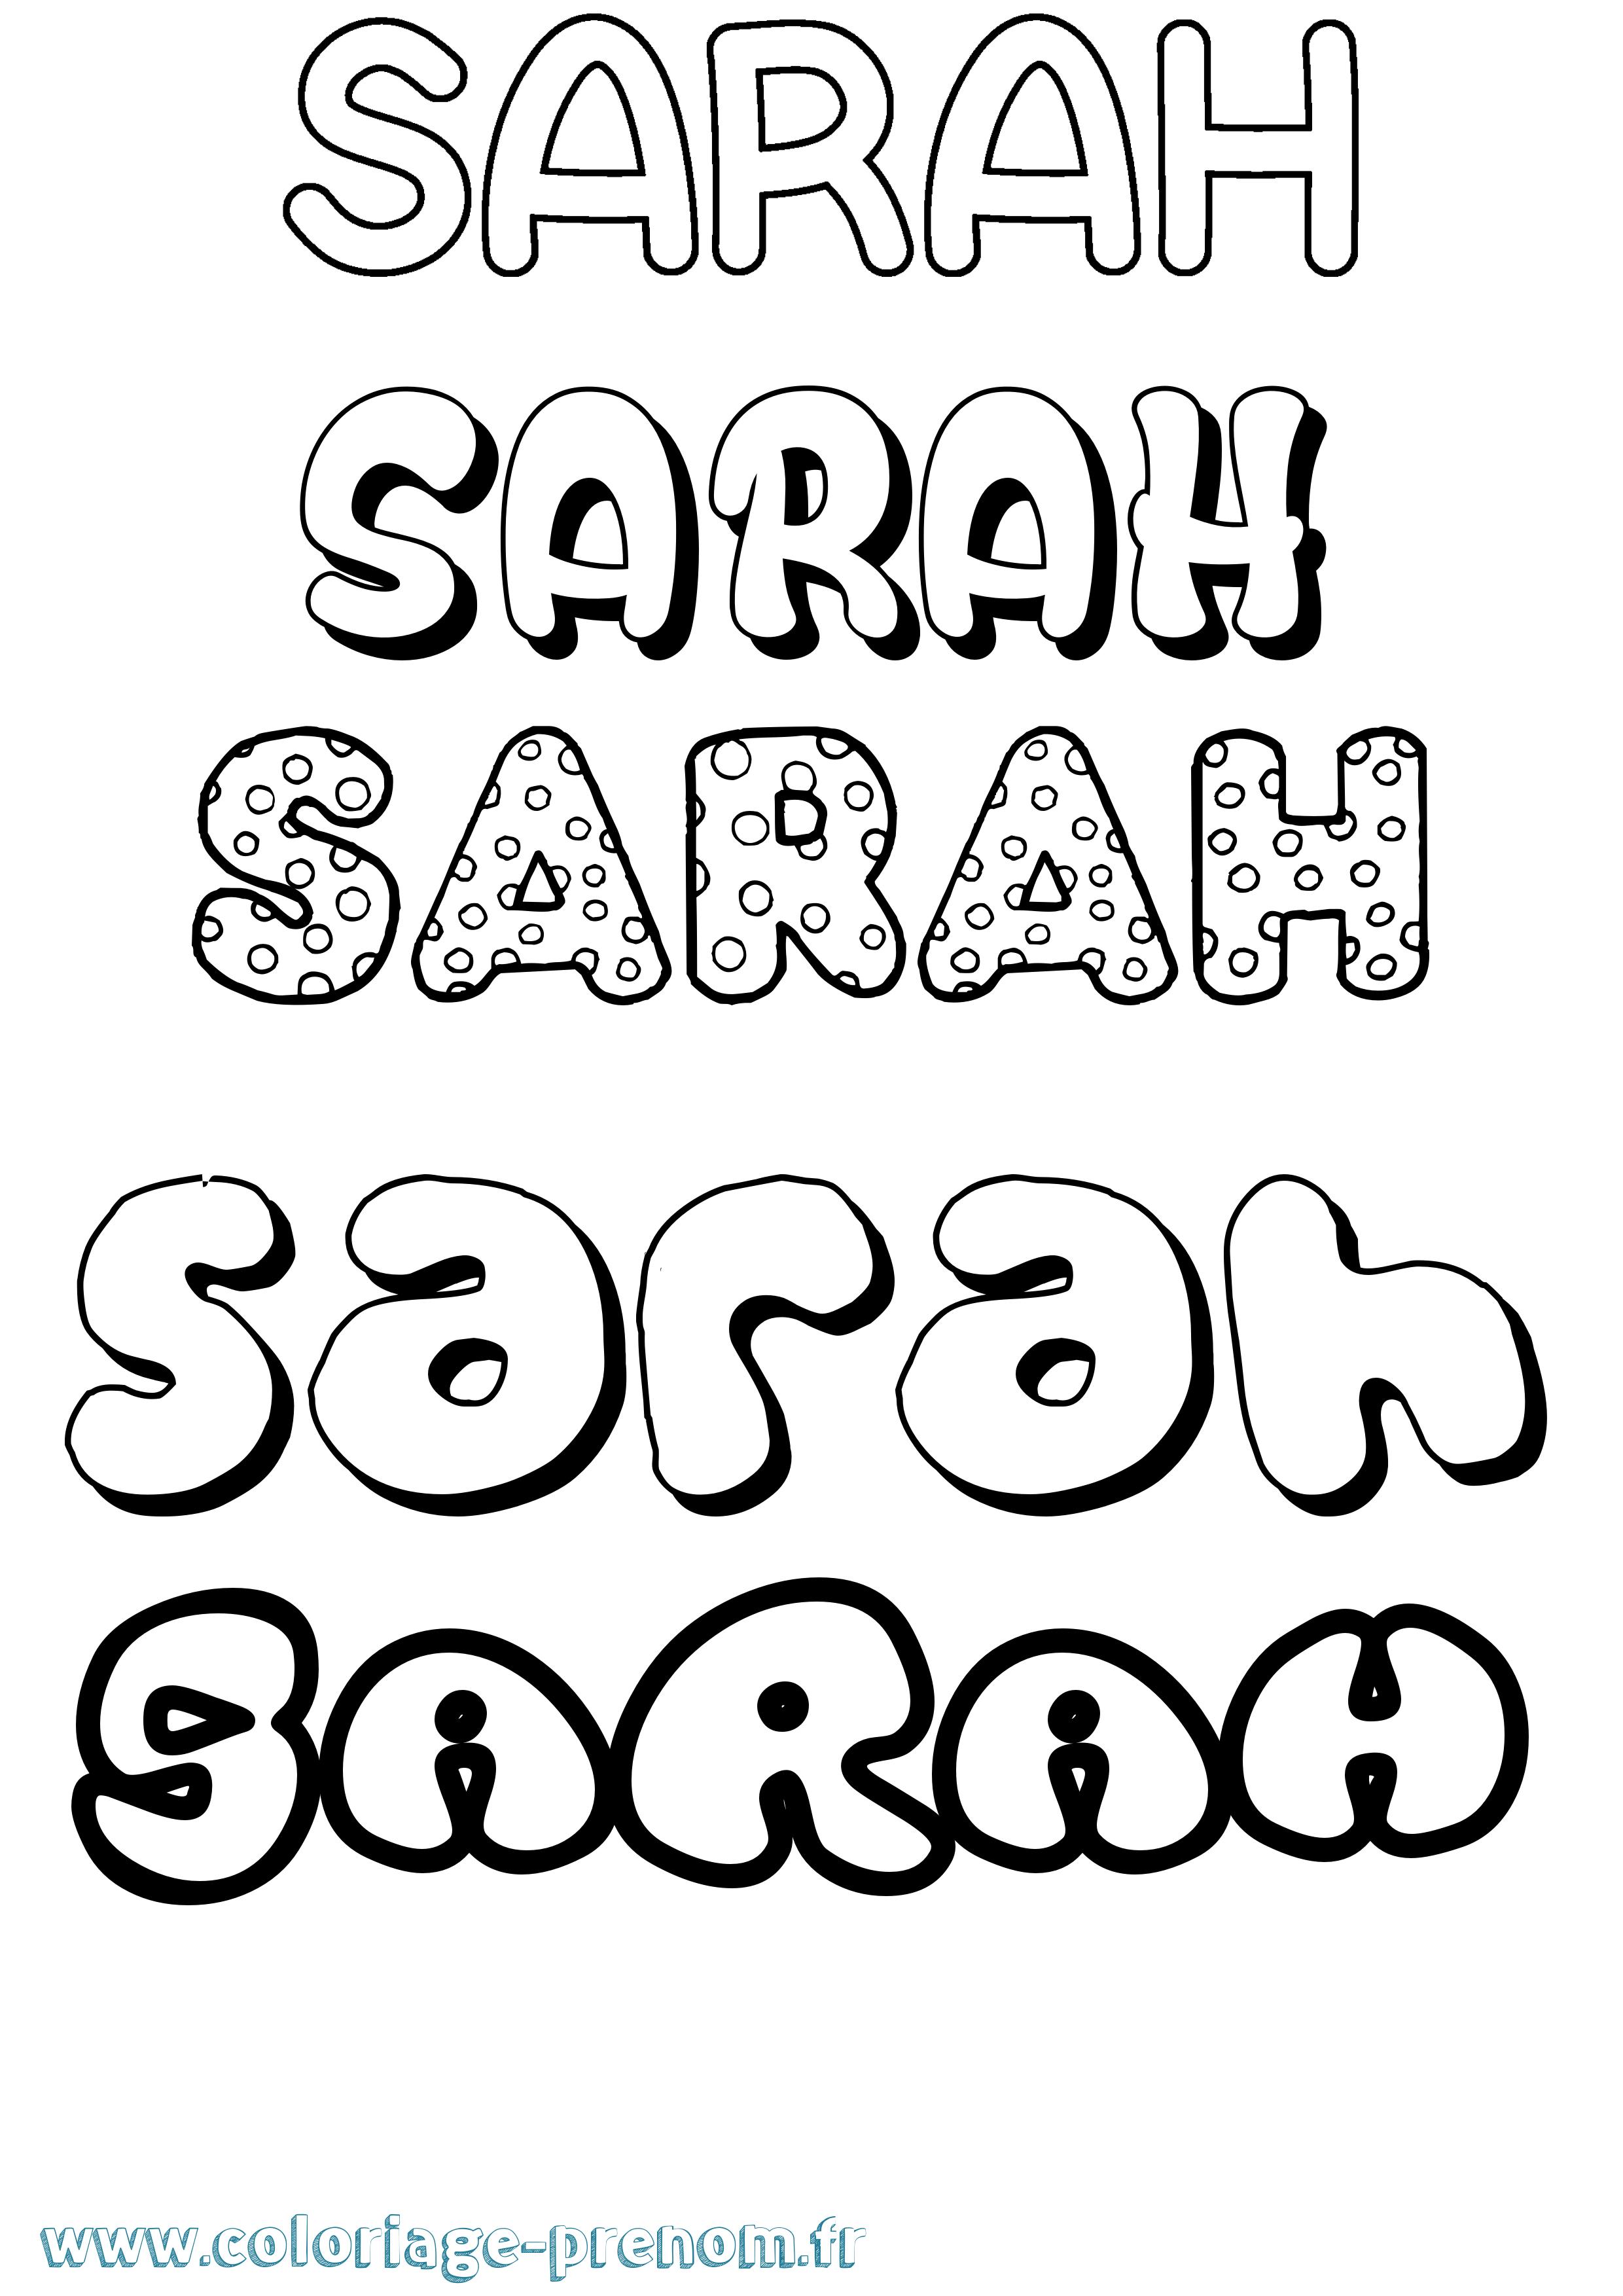 Coloriage Du Prénom Sarah à Imprimer Ou Télécharger Facilement